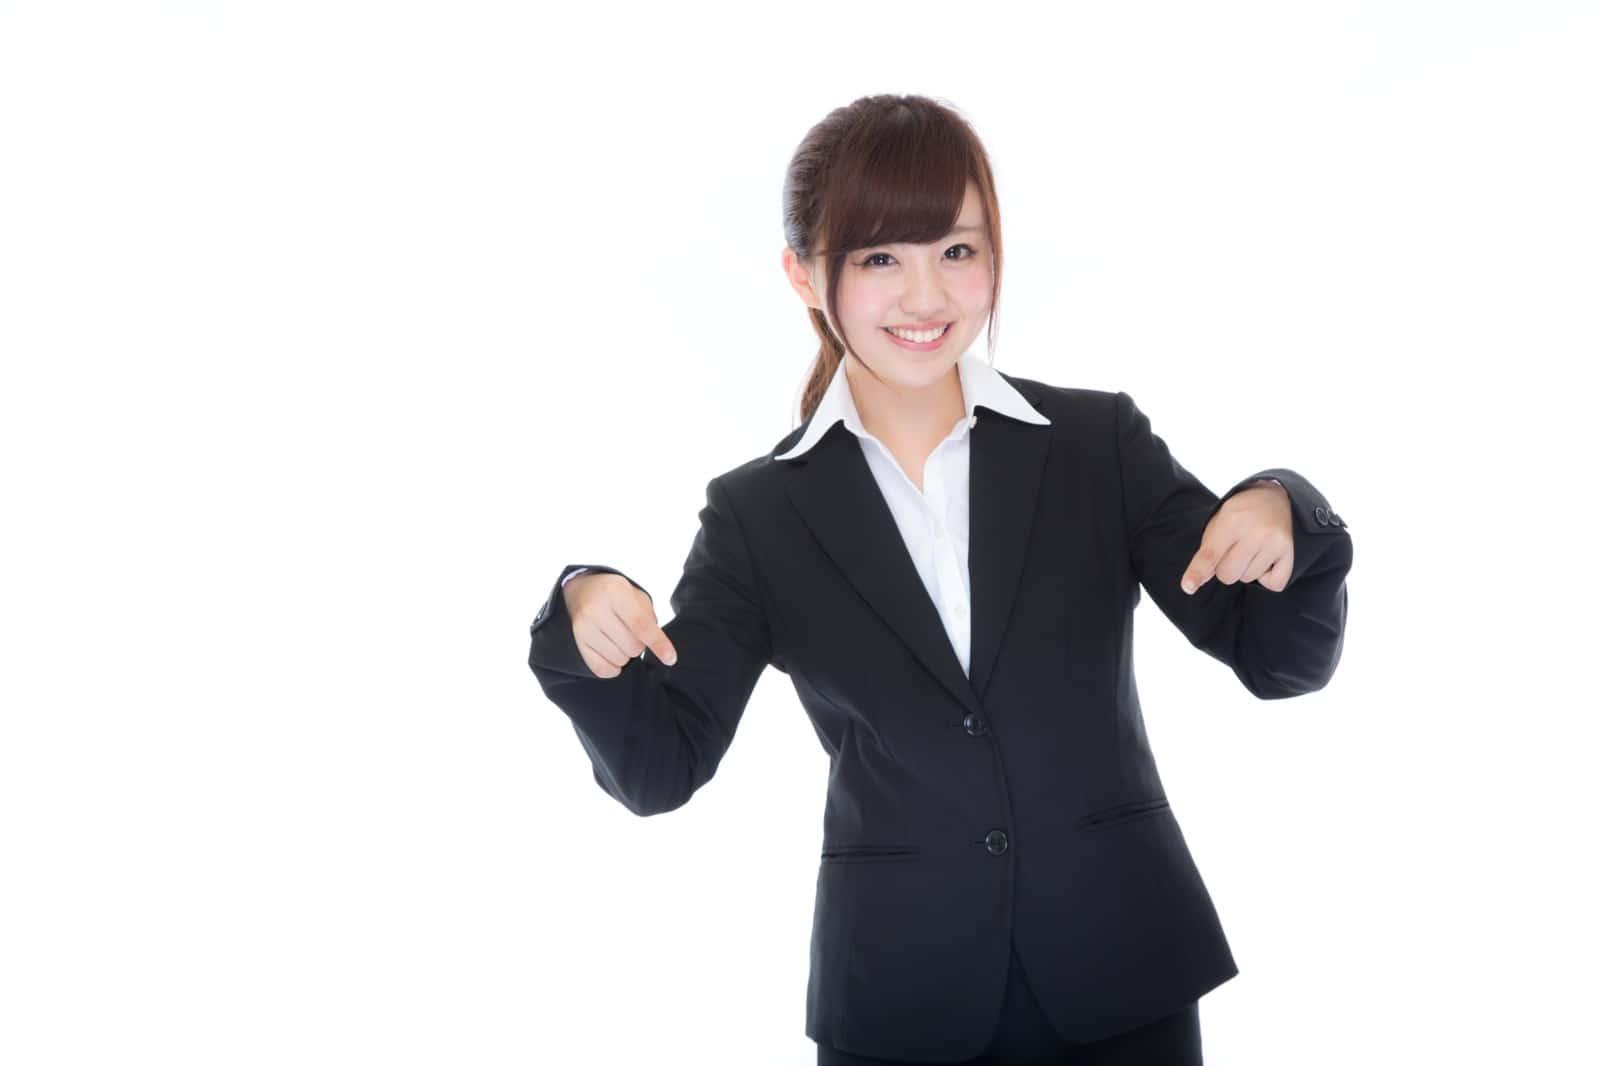 就活の軸は自分に合った企業や仕事選びに有効!面接対策も徹底解説!